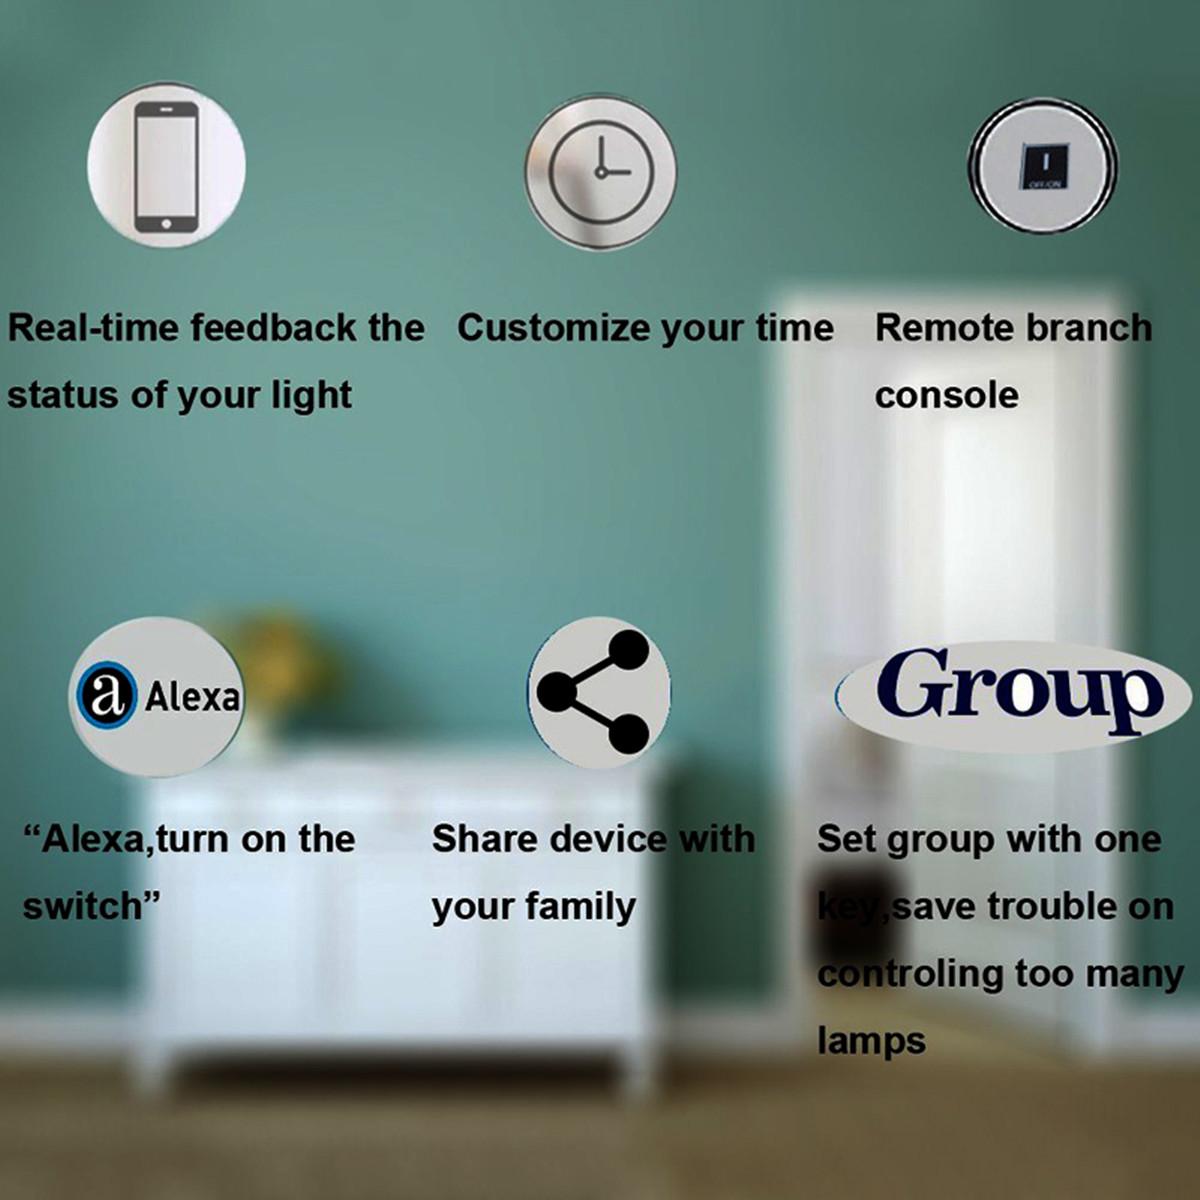 Умный дом Умная панель переключателей из закаленного стекла с голосовым управлением Echo Alexa / Google Home (Фото 1)